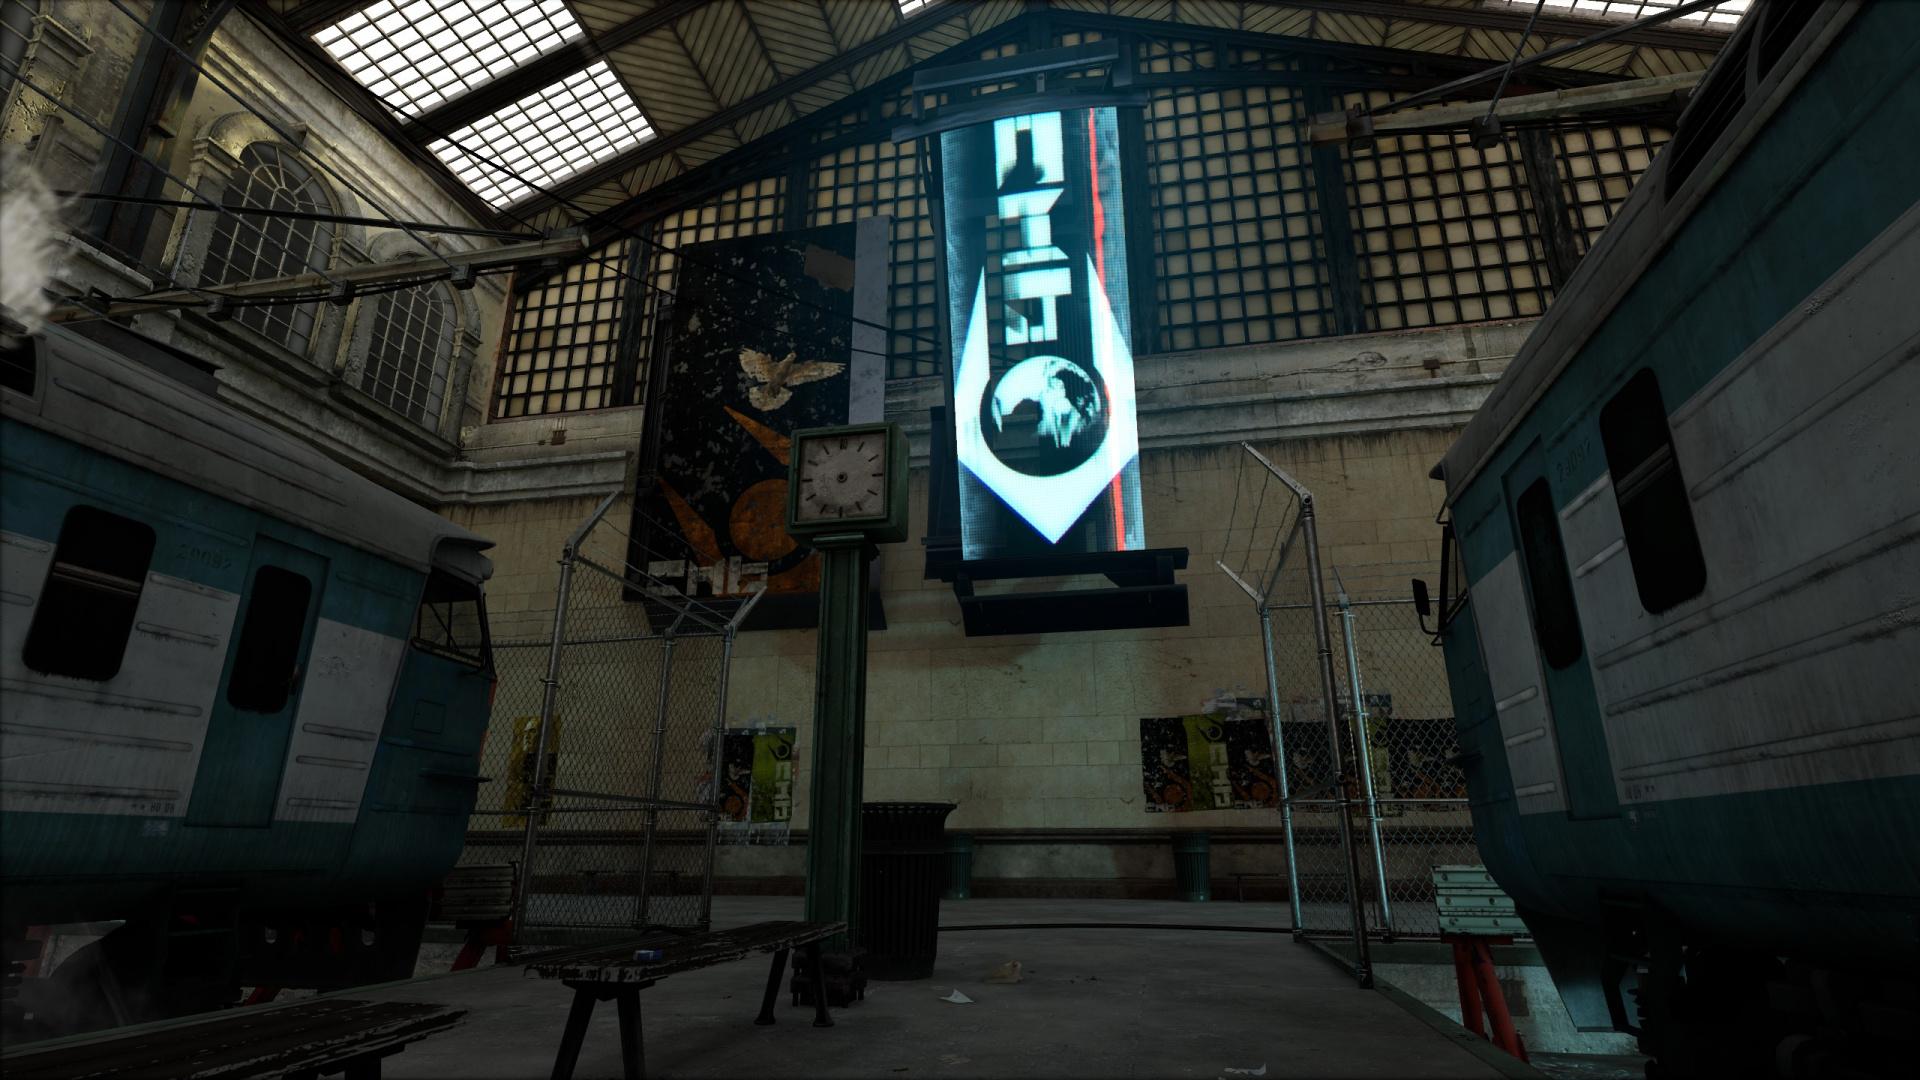 Энтузиасты переносят начало Half-Life2 на движок Half-Life: Alyx